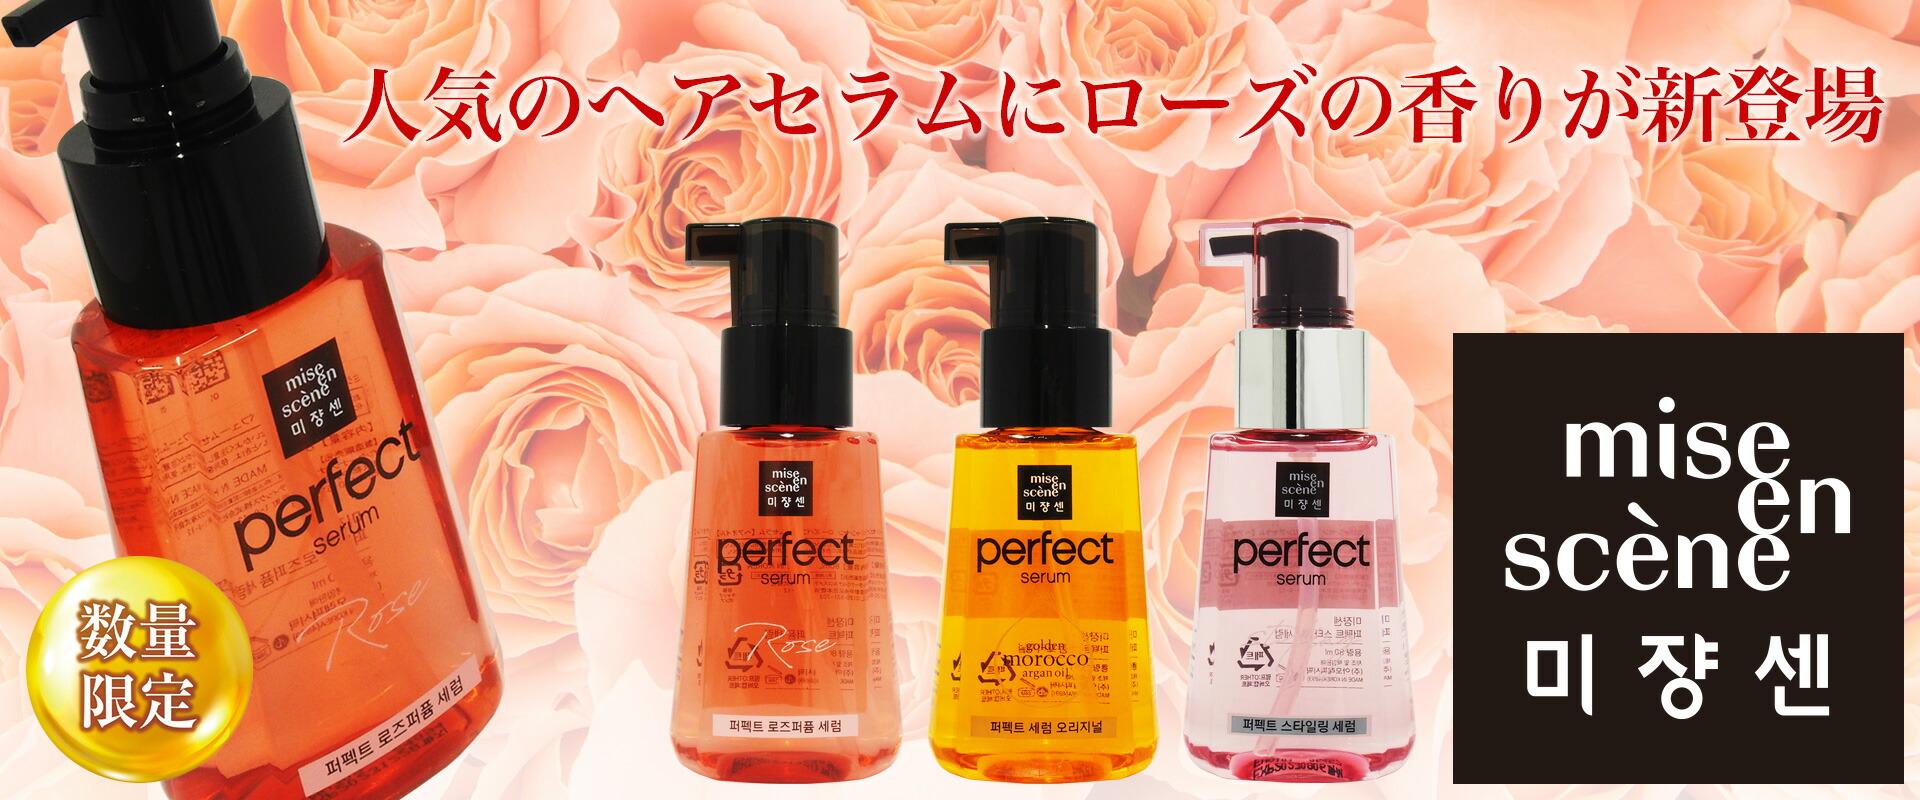 【ミジャンセン】人気のヘアセラムにローズの香りが新登場【数量限定】